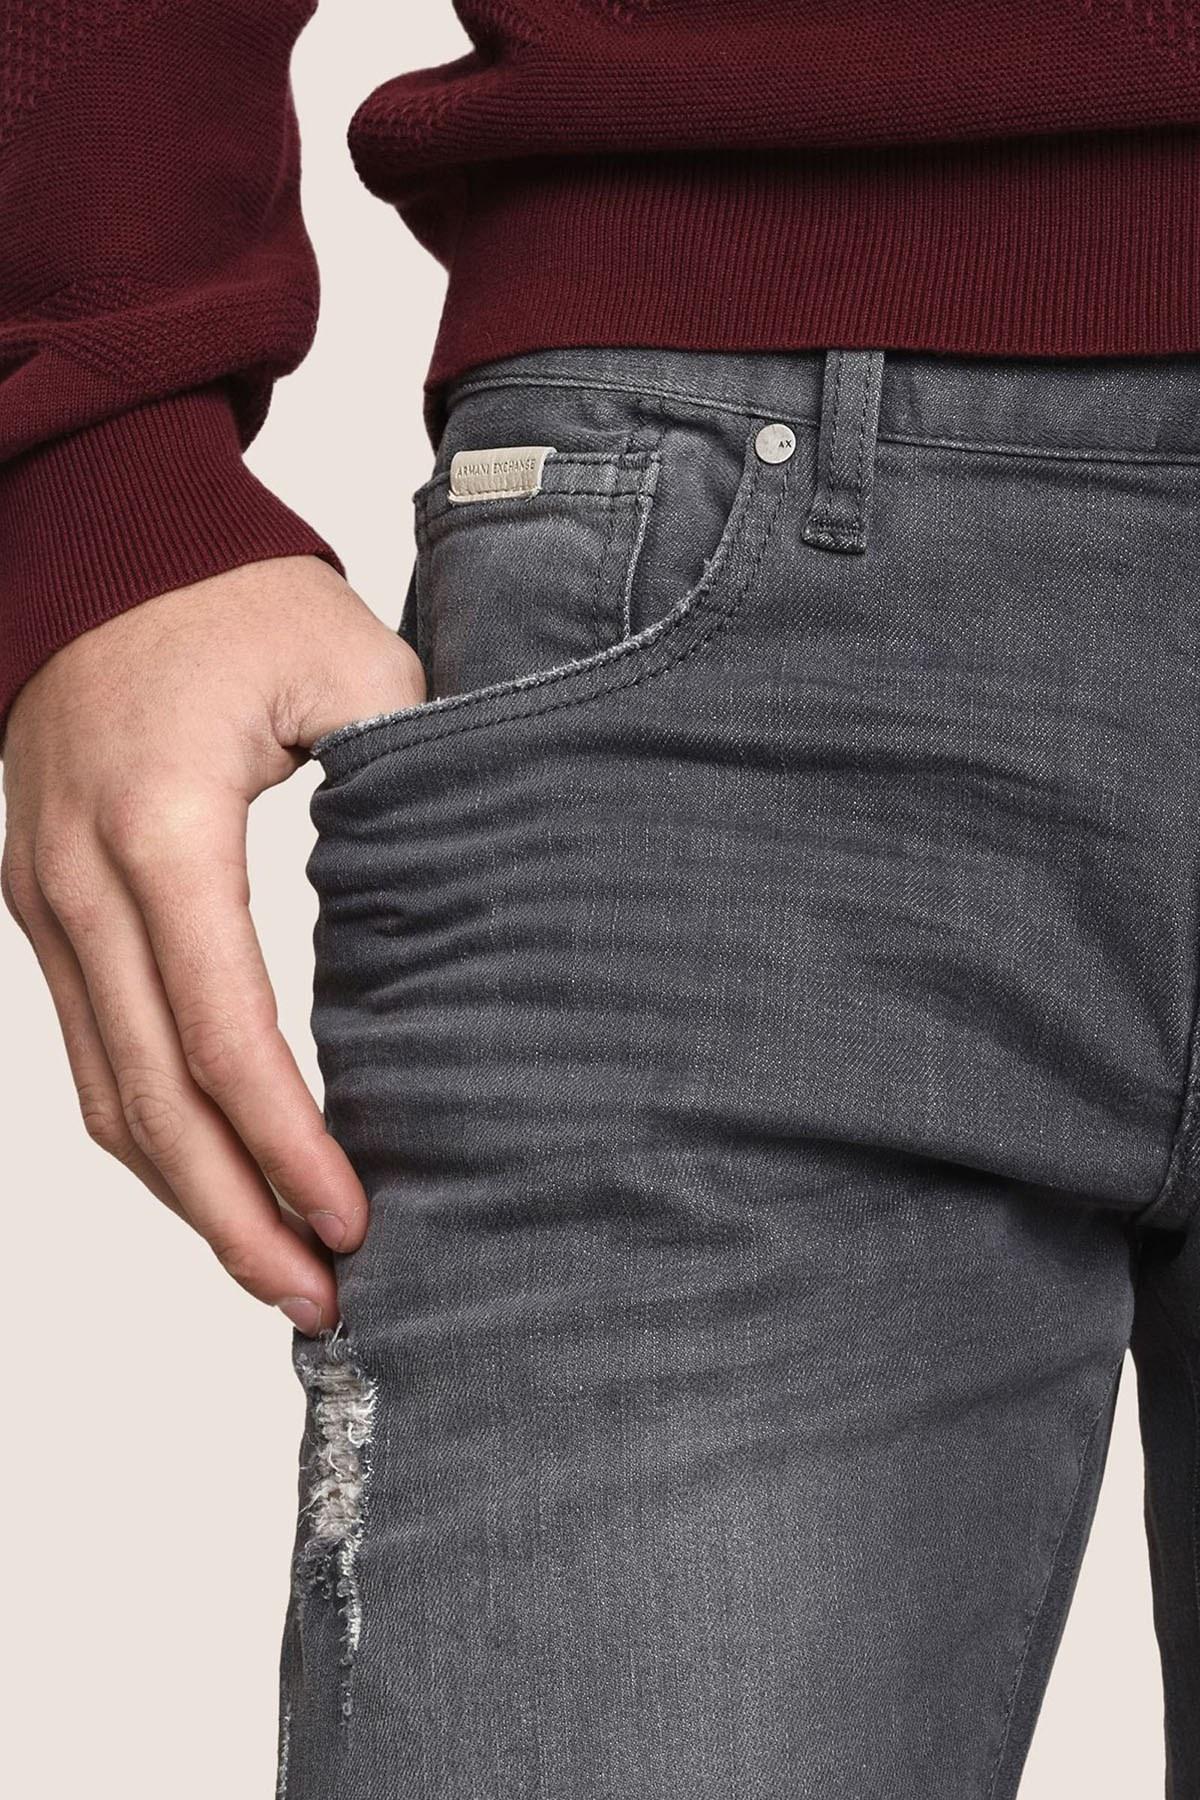 ARMANI EXCHANGE J13 JEANS Erkek Kot Pantolon 3ZZJ13 Z2FFZ 0903 GRİ